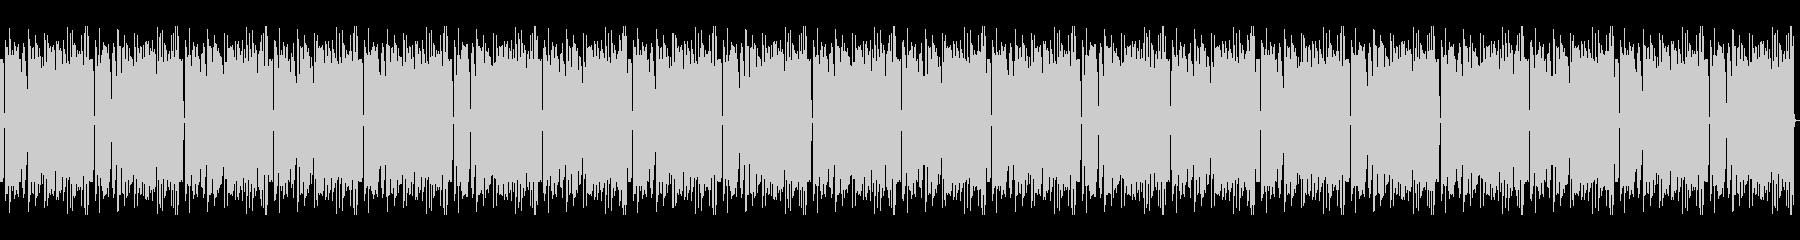 知育・優雅・パズル・日常ピアノ43Lの未再生の波形